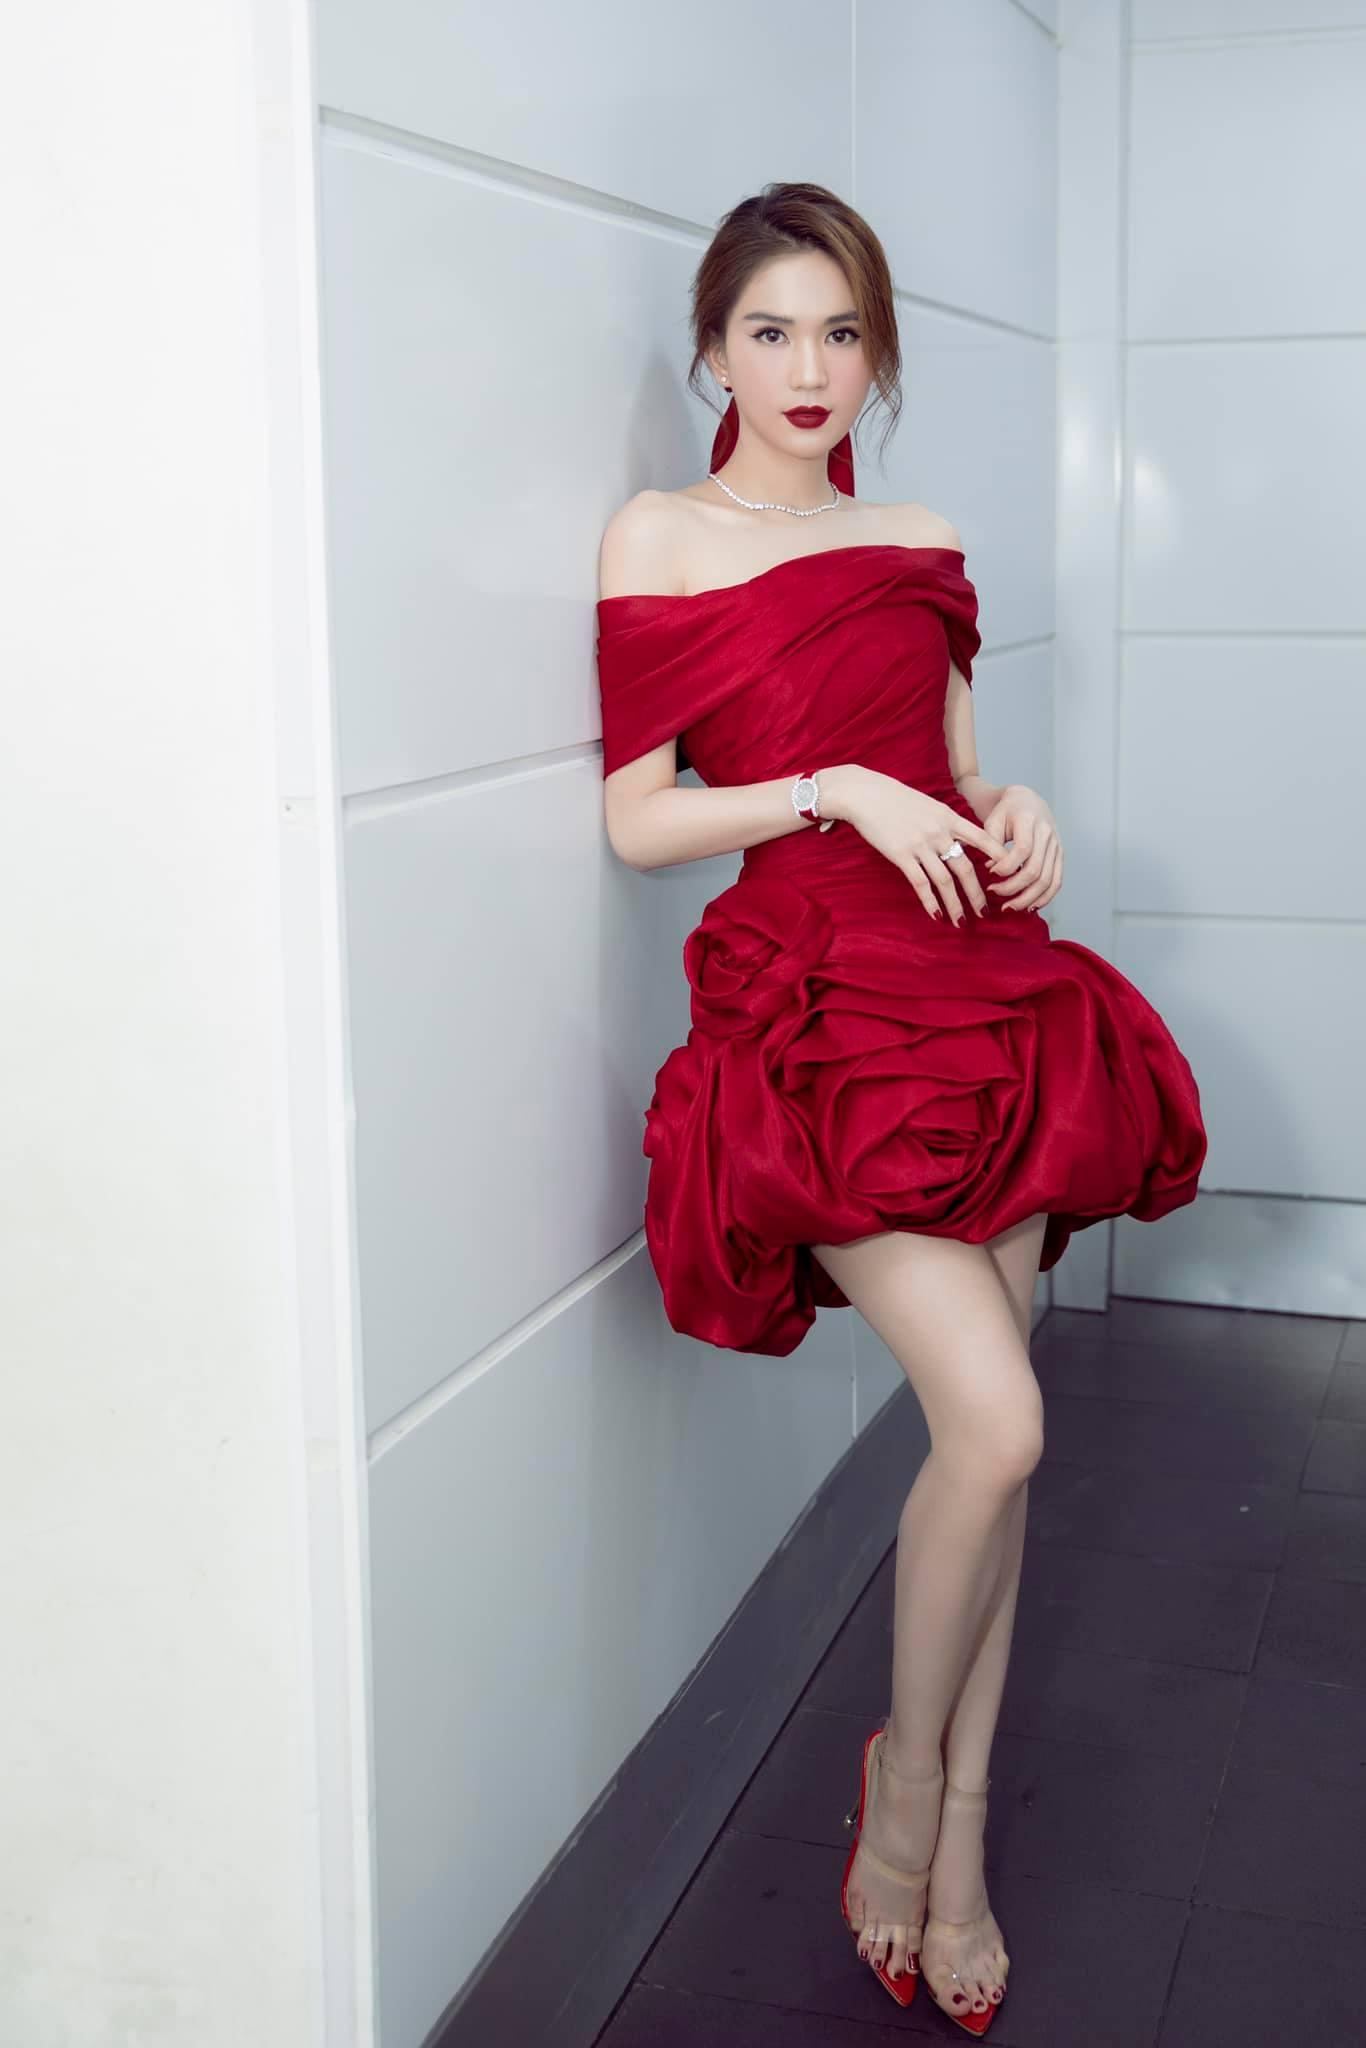 """Chưa đầy 2 tuần, sao Việt đã cạnh tranh gay gắt ngôi """"nữ hoàng thảm đỏ"""" năm 2021: Tiếc là chưa ai qua được Ngọc Trinh - Ảnh 1."""